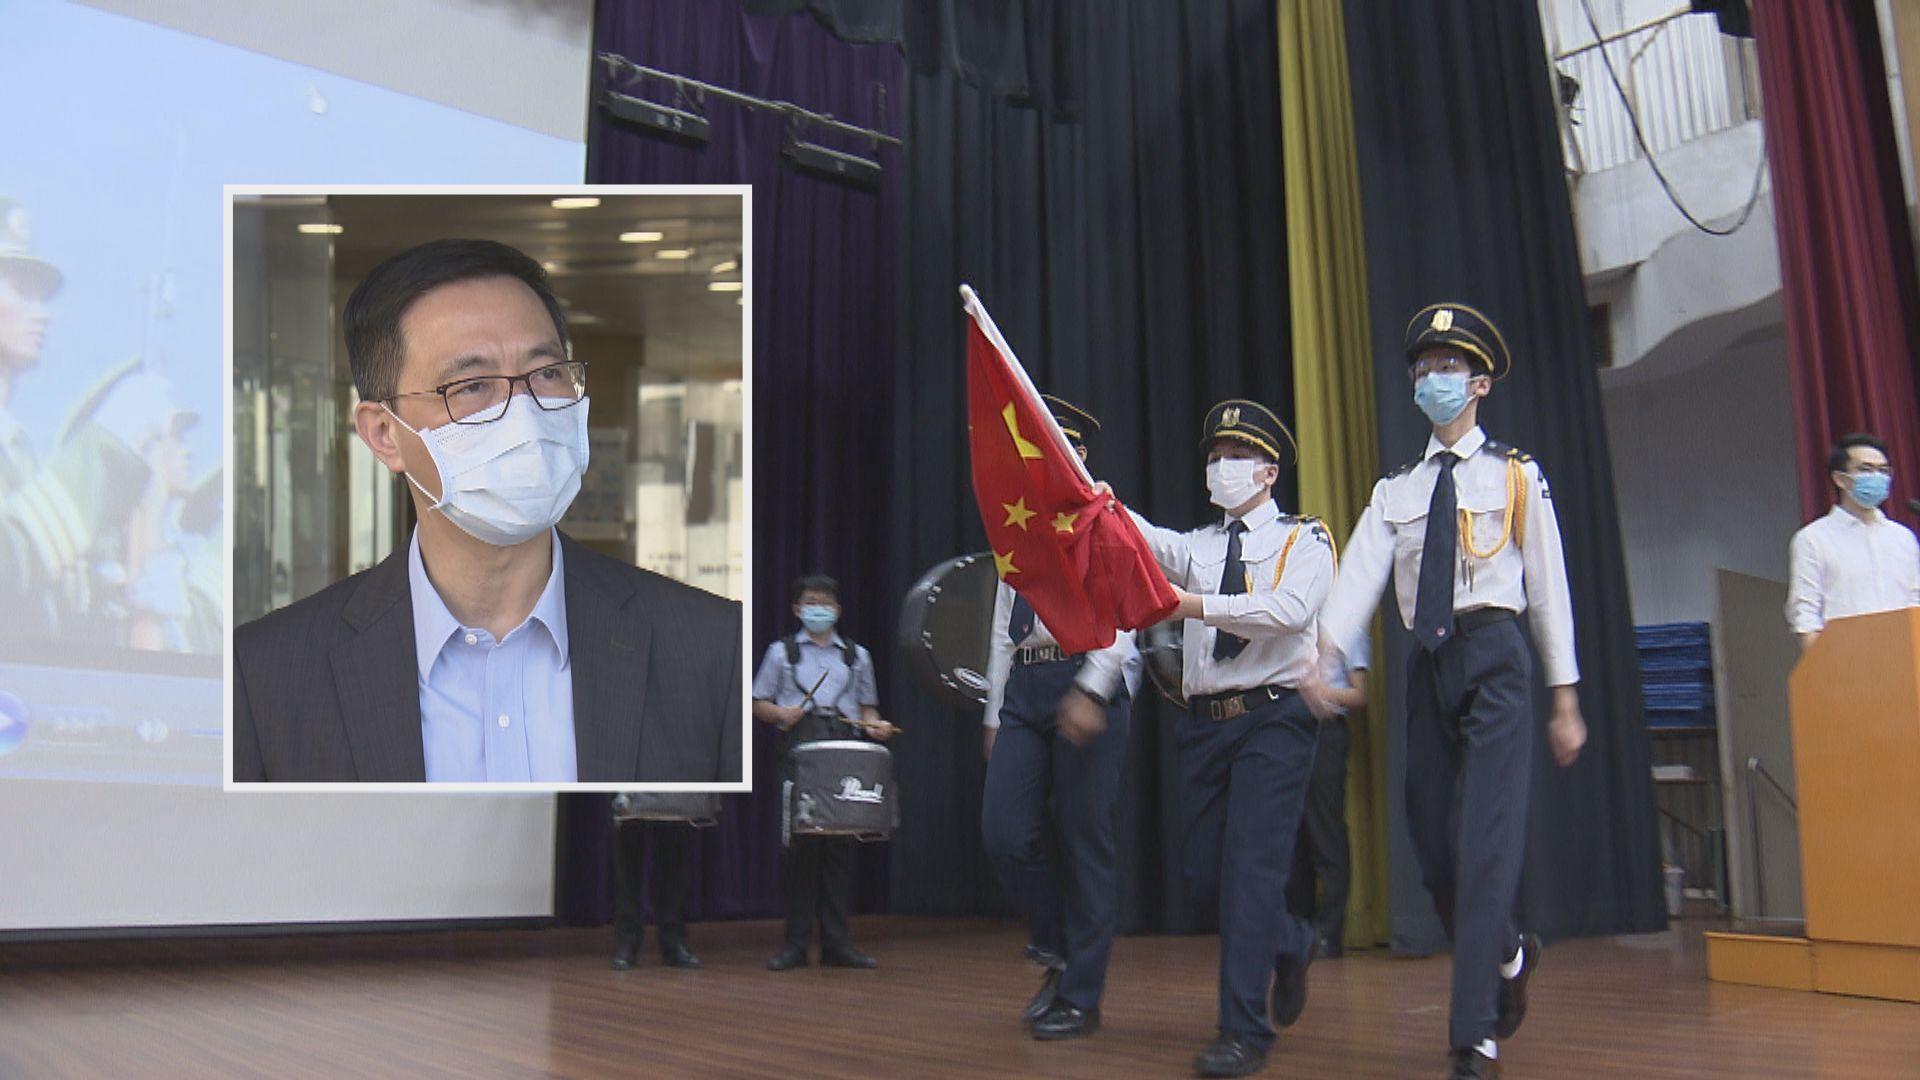 楊潤雄建議學校趁國家安全日舉辦相關學習活動